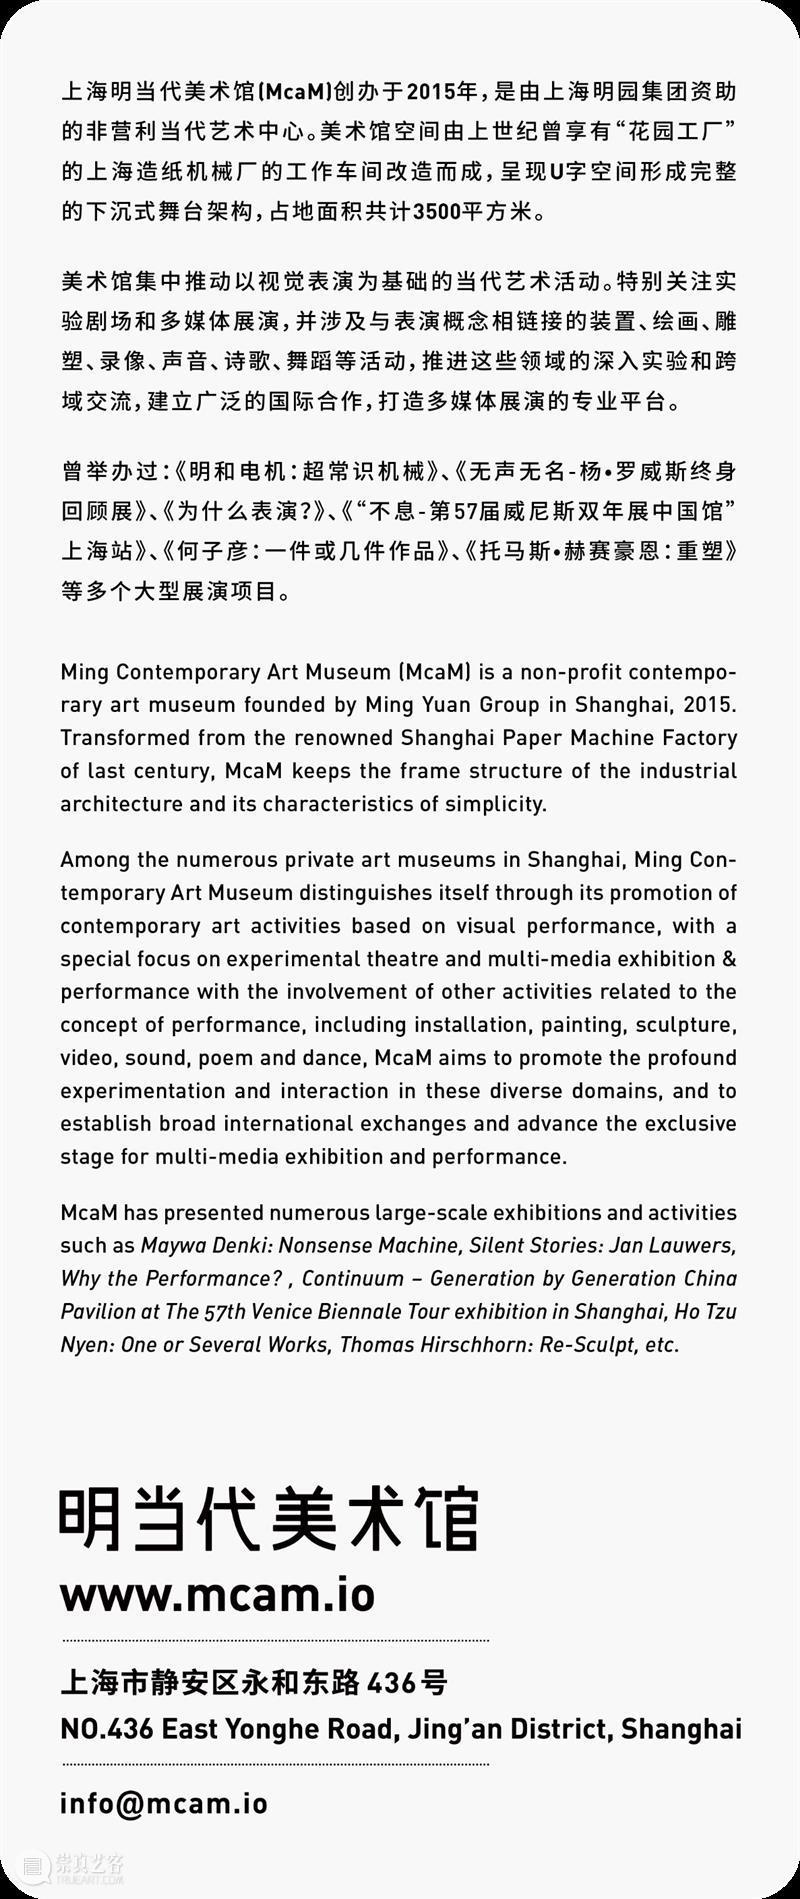 McaM 讲座   电子游戏的十二副面孔 McaM 讲座 电子游戏 面孔 讲者 叶梓涛 时间 地点 当代美术馆 空间 崇真艺客